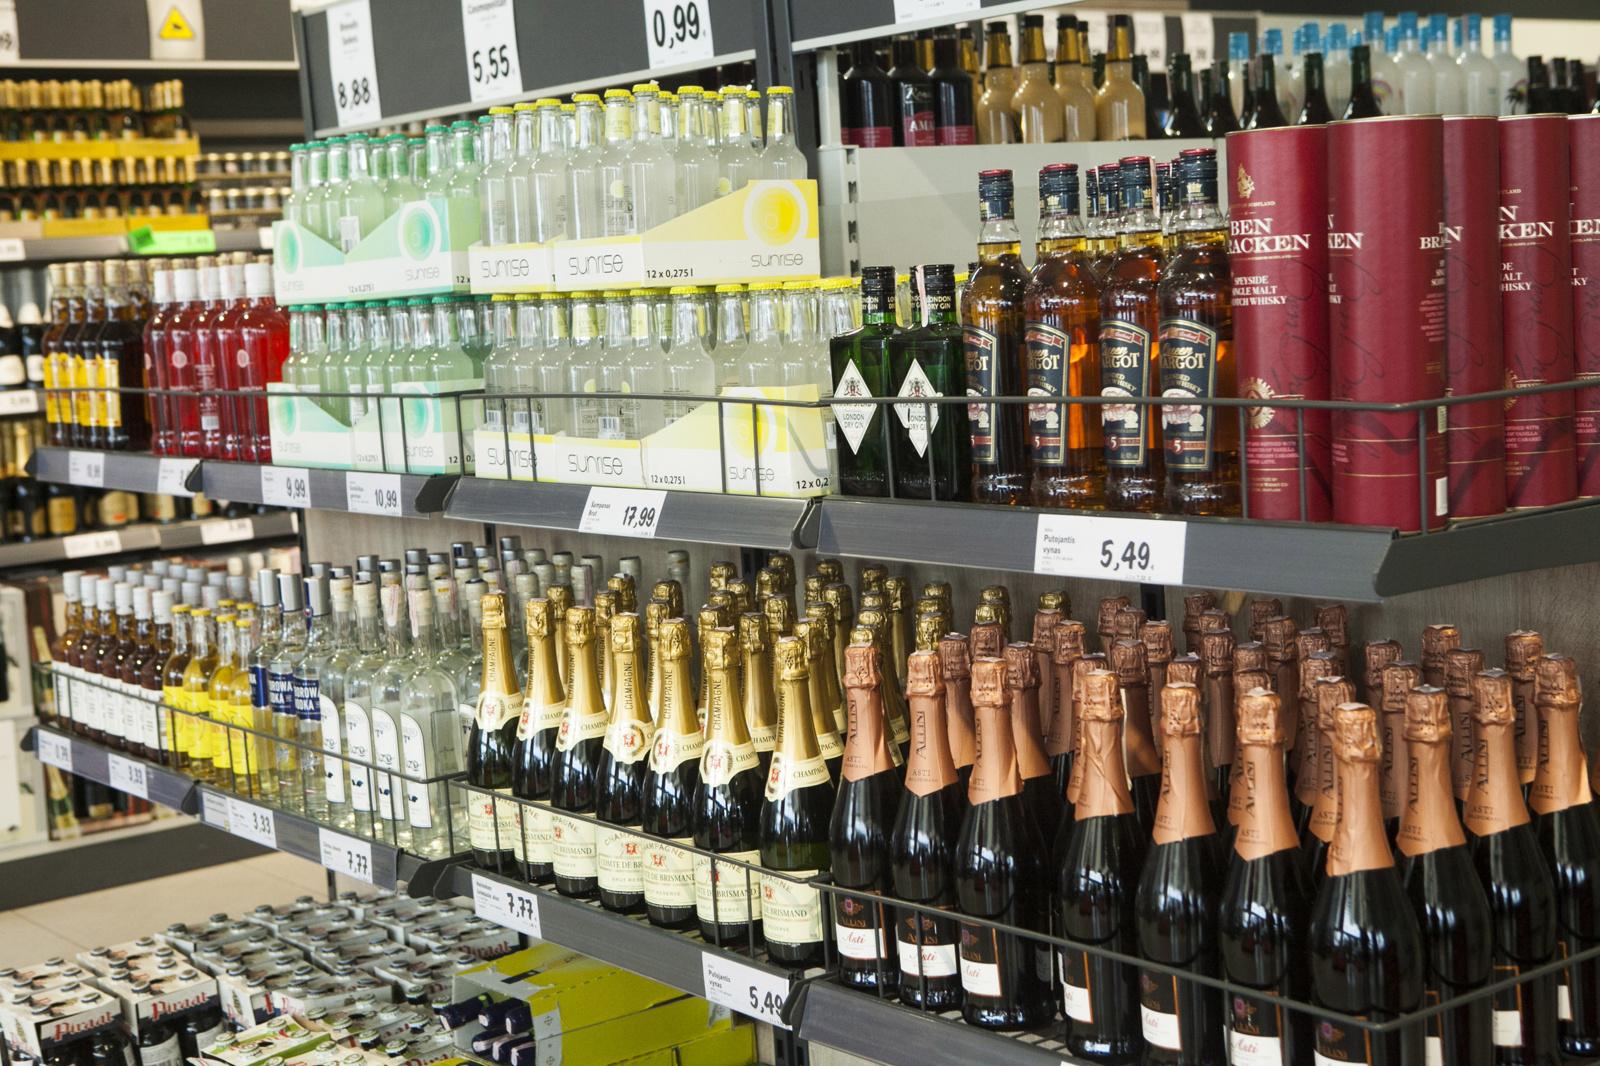 Ministerijos nesutaria, ar ilginti alkoholio pardavimo laiką sekmadieniais